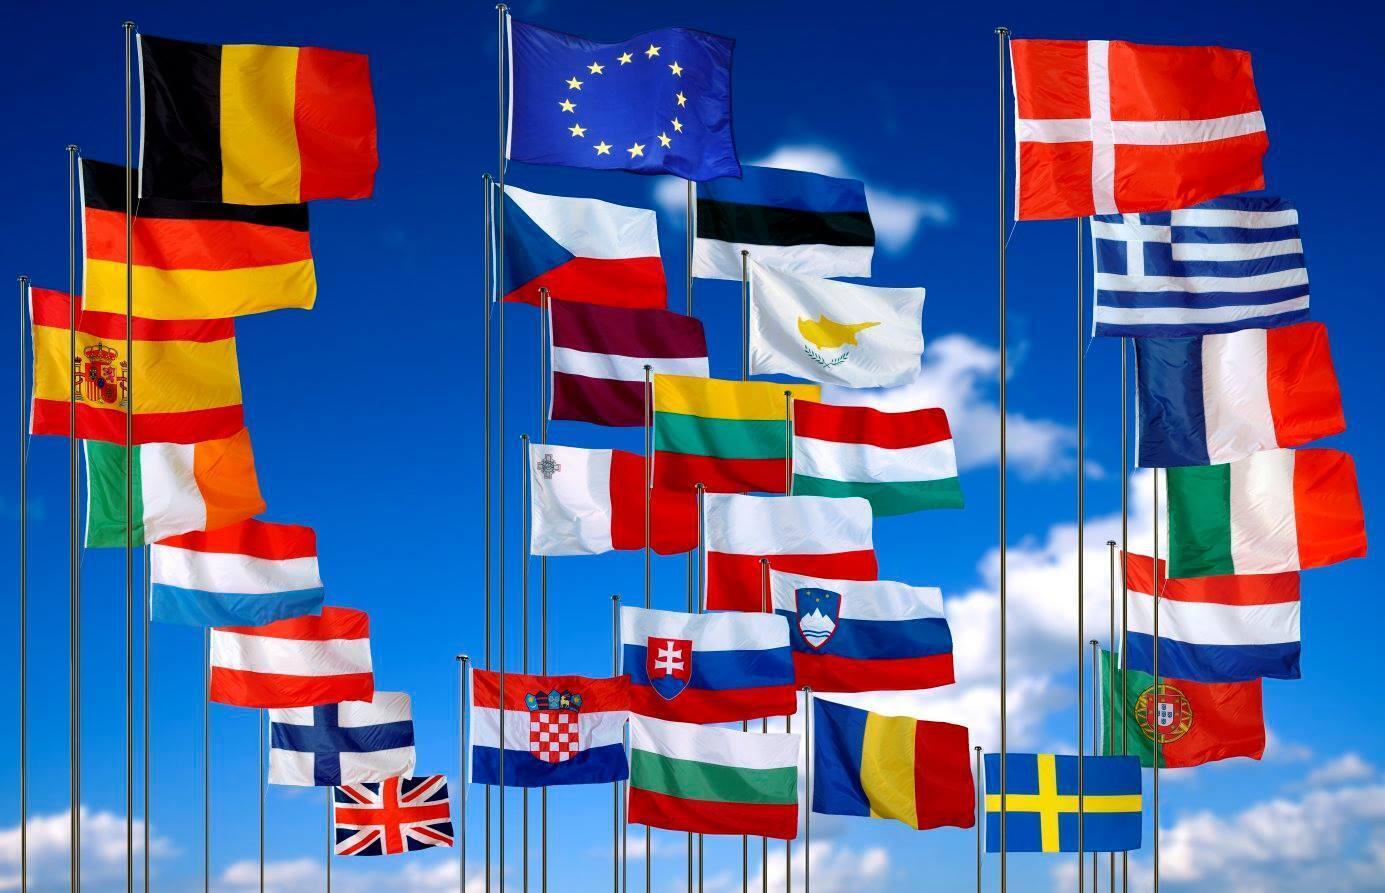 Nova estratégia para a oitava expansão da União Europeia, que deve integrar Montenegro e Sérvia até 2025.